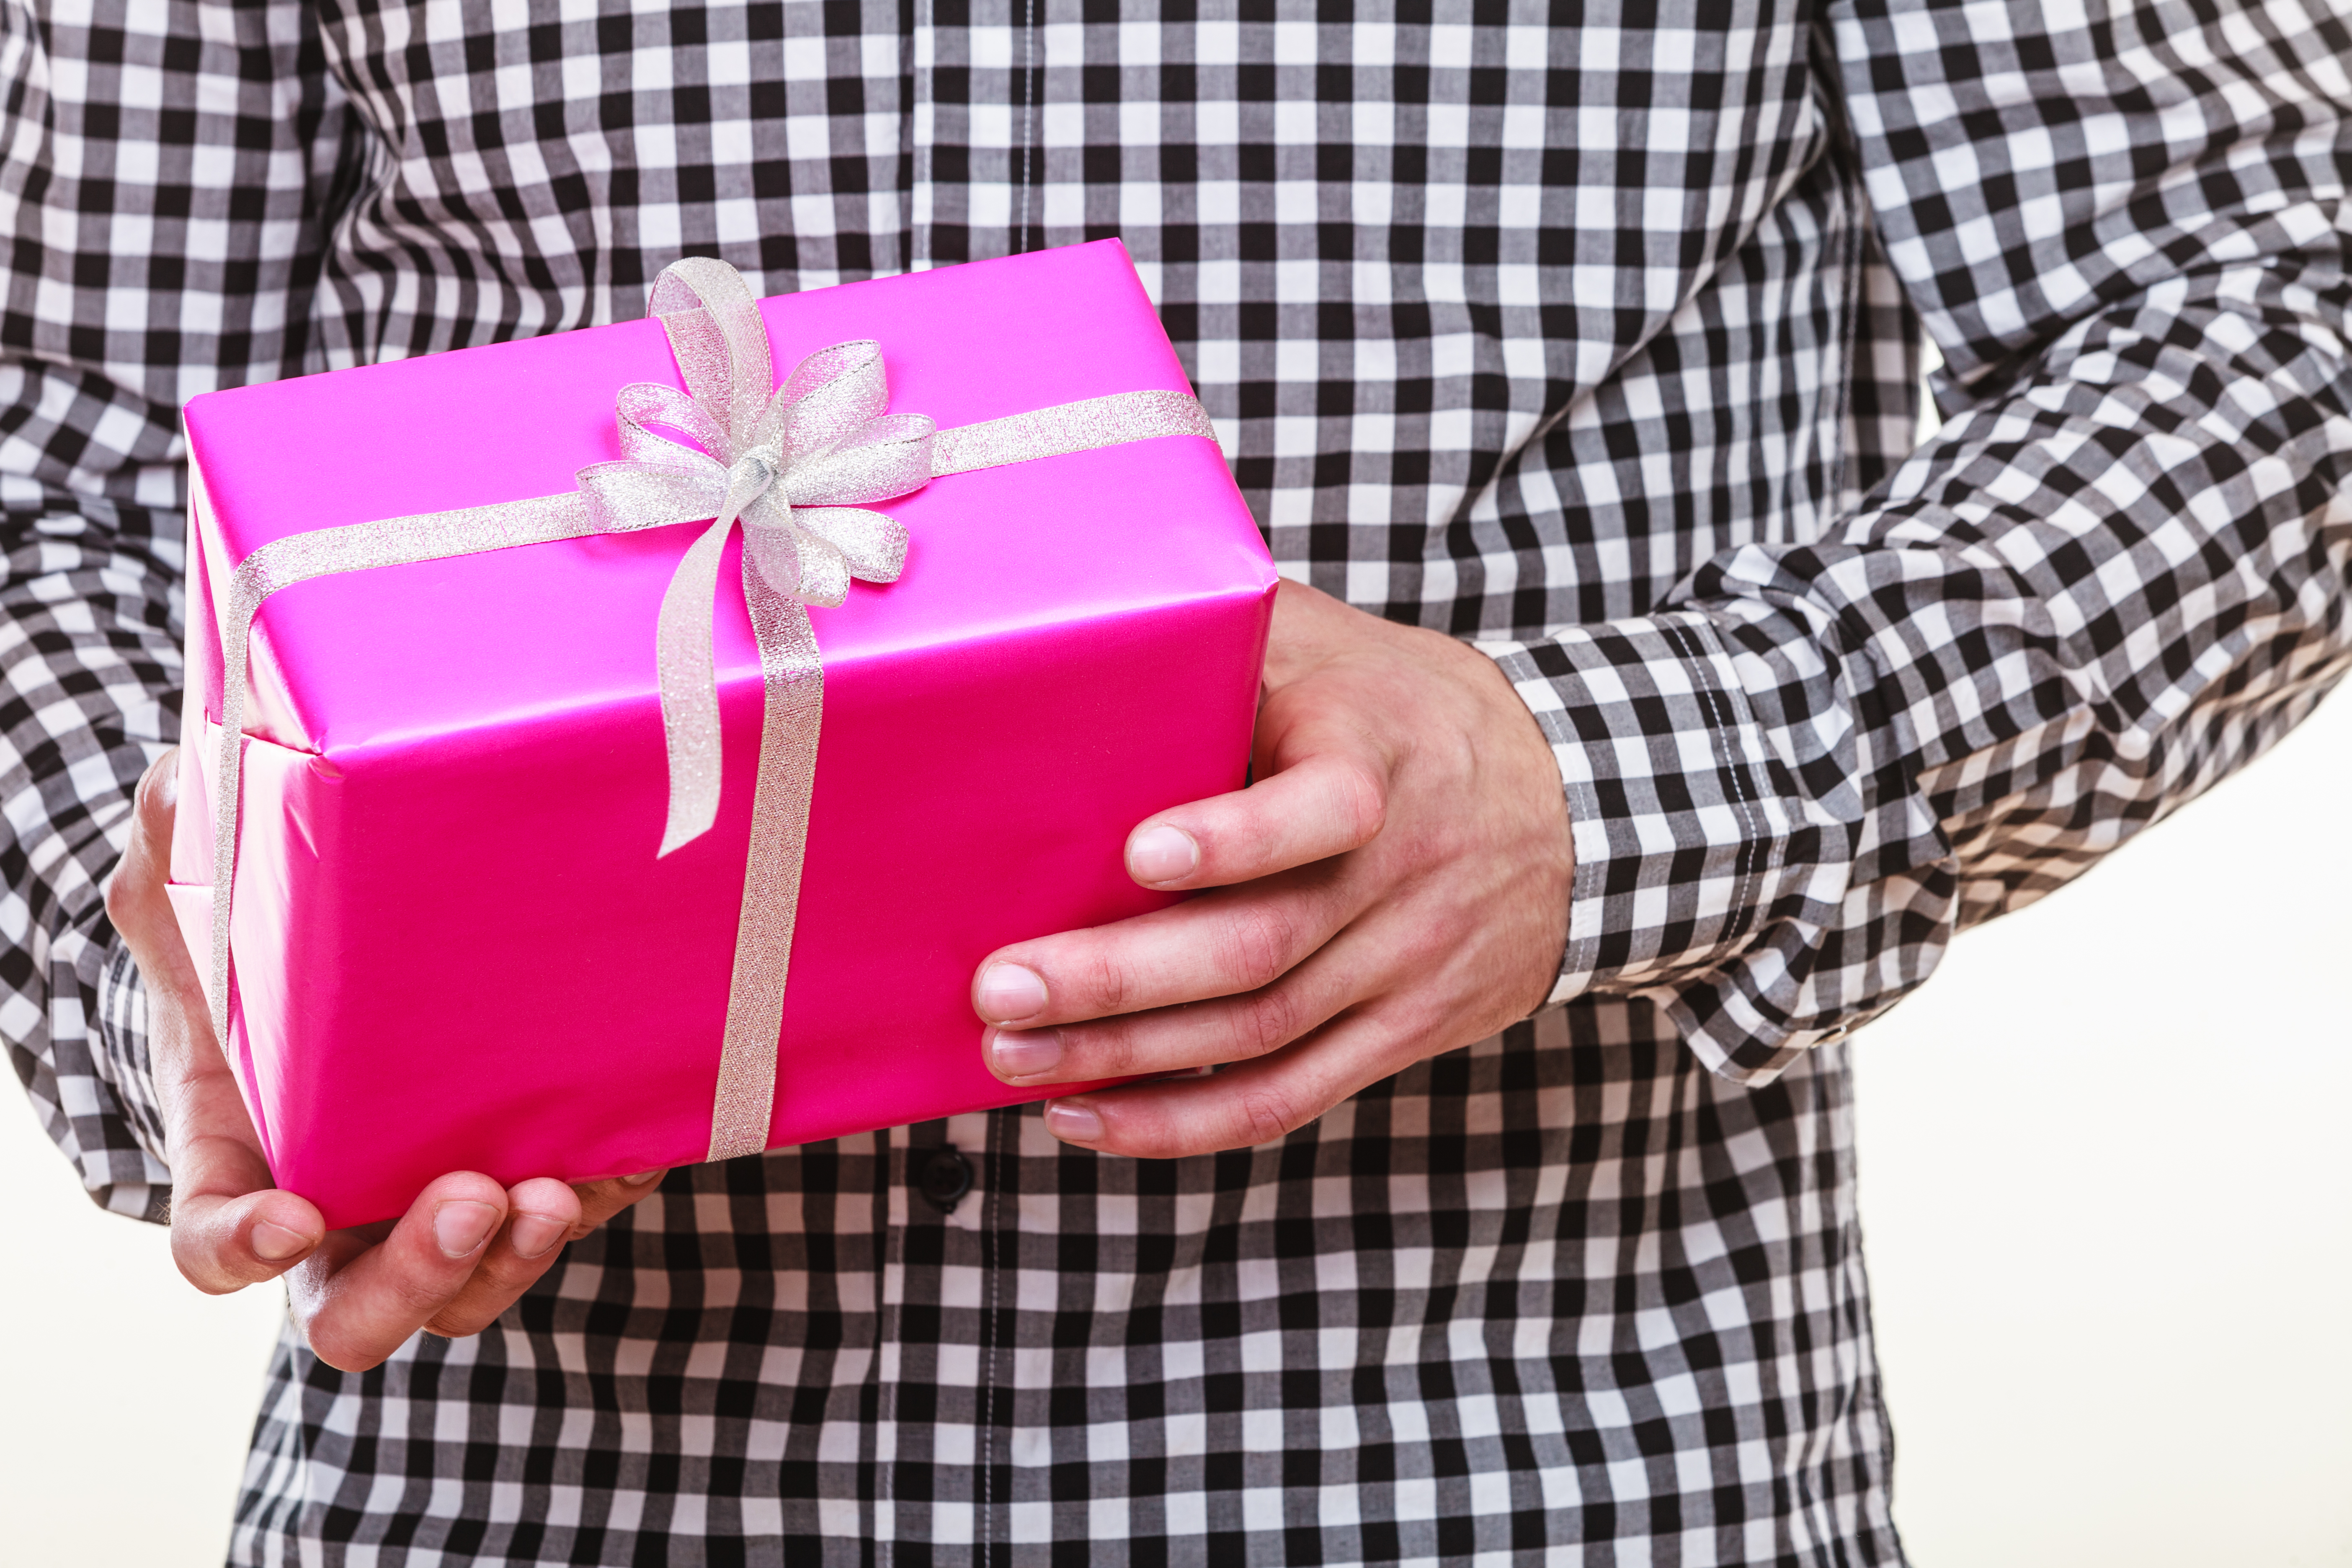 В среднем на упаковке подарков можно заработать 4000 грн в месяц